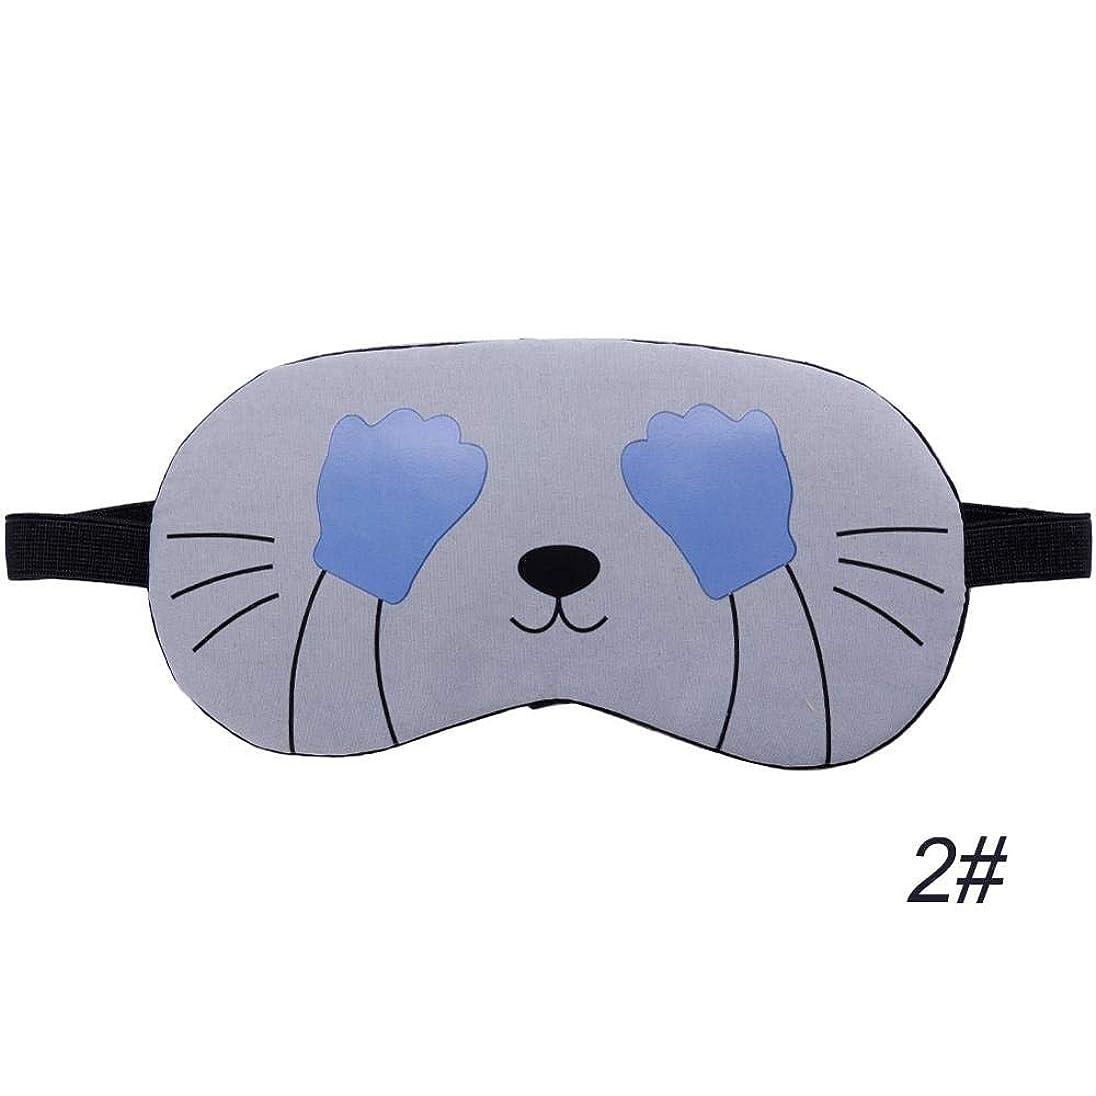 有名な押す賢いNOTE 1ピース睡眠アイマスクコットンソフト睡眠援助旅行残りアイシェードカバー目隠しユニセックス女性男性13スタイル眼鏡#280205